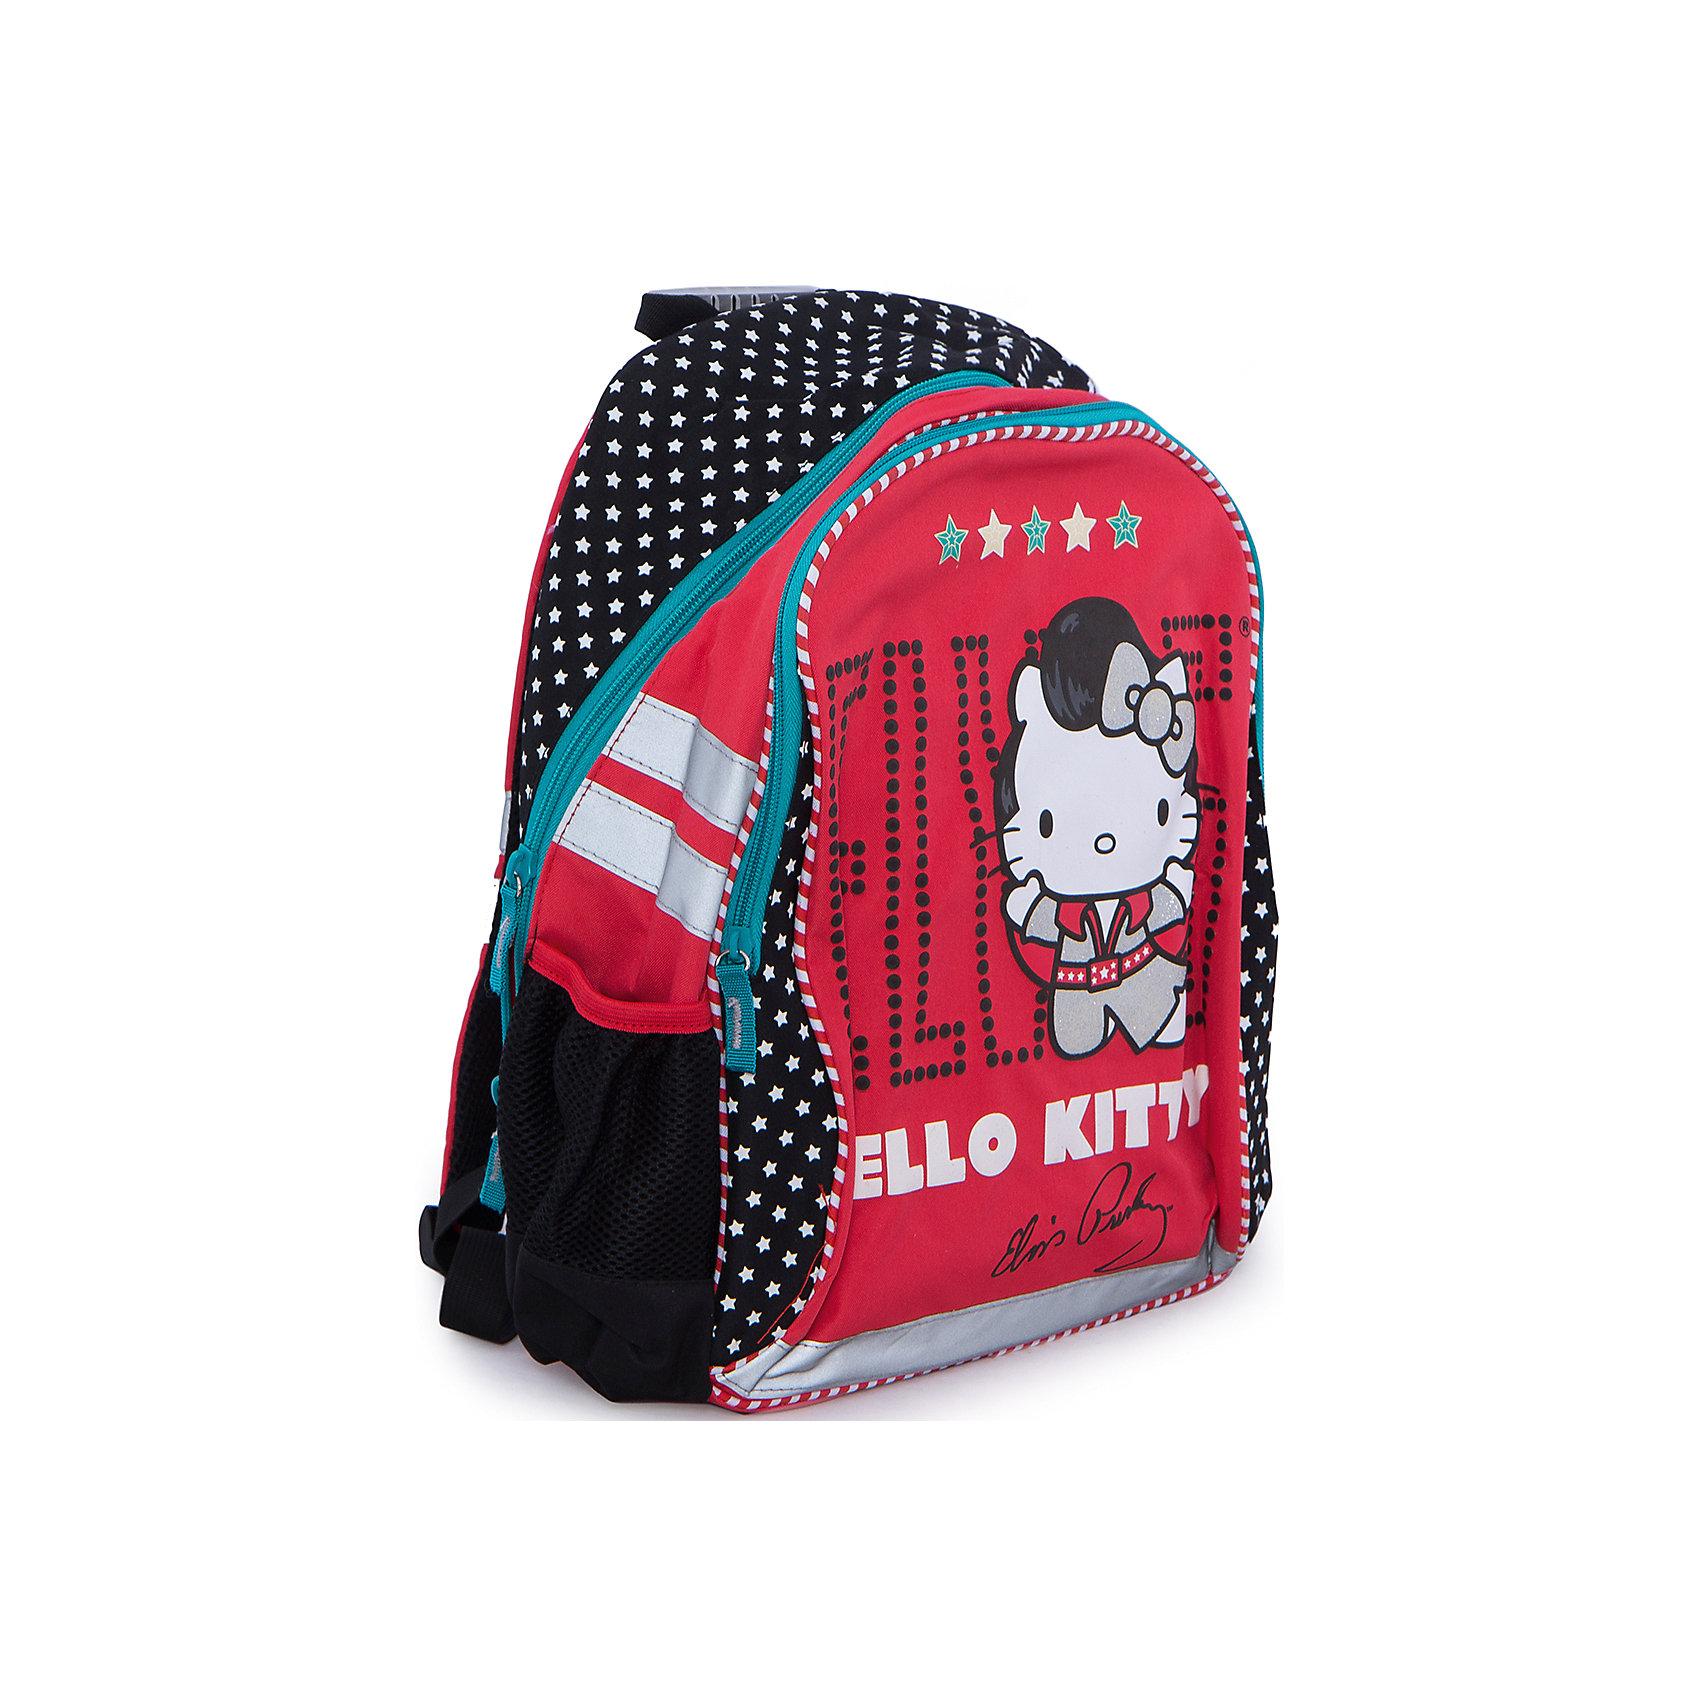 Рюкзак, мягкая спинка, Hello KittyСимпатичный рюкзак Hello Kitty Elvis (Хеллоу Китти Элвис) с мягкой спинкой - комфортный и стильный рюкзачок, который несомненно порадует маленькую школьницу.<br><br>Мягкая спинка рюкзака оснащена вентиляционной сеткой, застежки на молнии. Широкие лямки рюкзака регулируются по росту и размеру ребенка, имеется удобная ручка для переноски. Сбоку расположены карман для мелочей и отделение для бутылочки с водой, на лицевой стороне имеется большой жесткий карман на молнии. Для безопасности ребенка предусмотрены светоотражающие элементы. Рюкзак оформлен в стиле бренда Hello Kitty, серии Hello Kitty Elvis красного цвета с черной вставкой, лицевая сторона украшена изображением знаменитой белой кошечки. <br><br>Дополнительная информация:<br><br>- Материал: полиэстер.<br>- Размер: 39 х 31 х 12 см.<br>- Вес: 0,554 кг.<br><br>Рюкзак Hello Kitty можно купить в нашем интернет-магазине.<br><br>Ширина мм: 375<br>Глубина мм: 295<br>Высота мм: 105<br>Вес г: 554<br>Возраст от месяцев: 96<br>Возраст до месяцев: 108<br>Пол: Женский<br>Возраст: Детский<br>SKU: 3563121